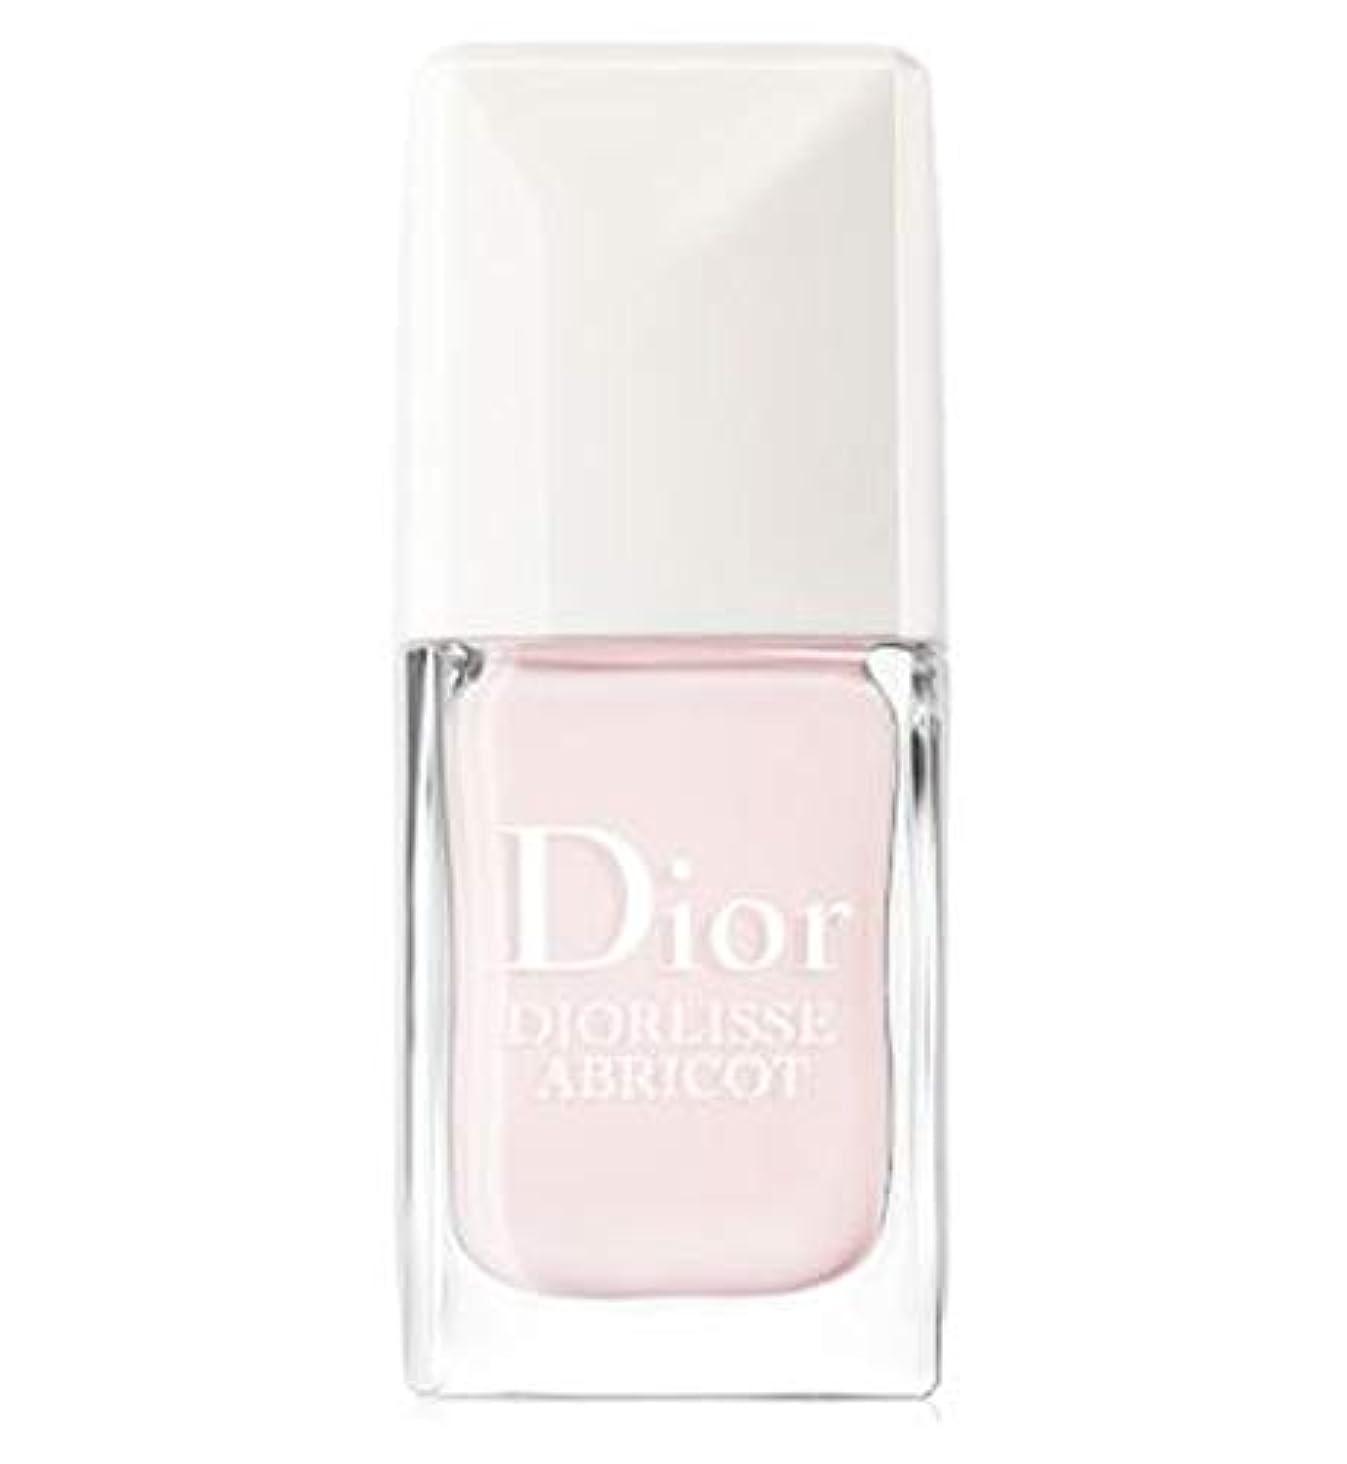 スペード消去パノラマ[Dior ] ピンクの花びらの10ミリリットルで完成ネイルケアを平滑化Abricot Diorlisse - Diorlisse Abricot Smoothing Perfecting Nail Care In Pink...